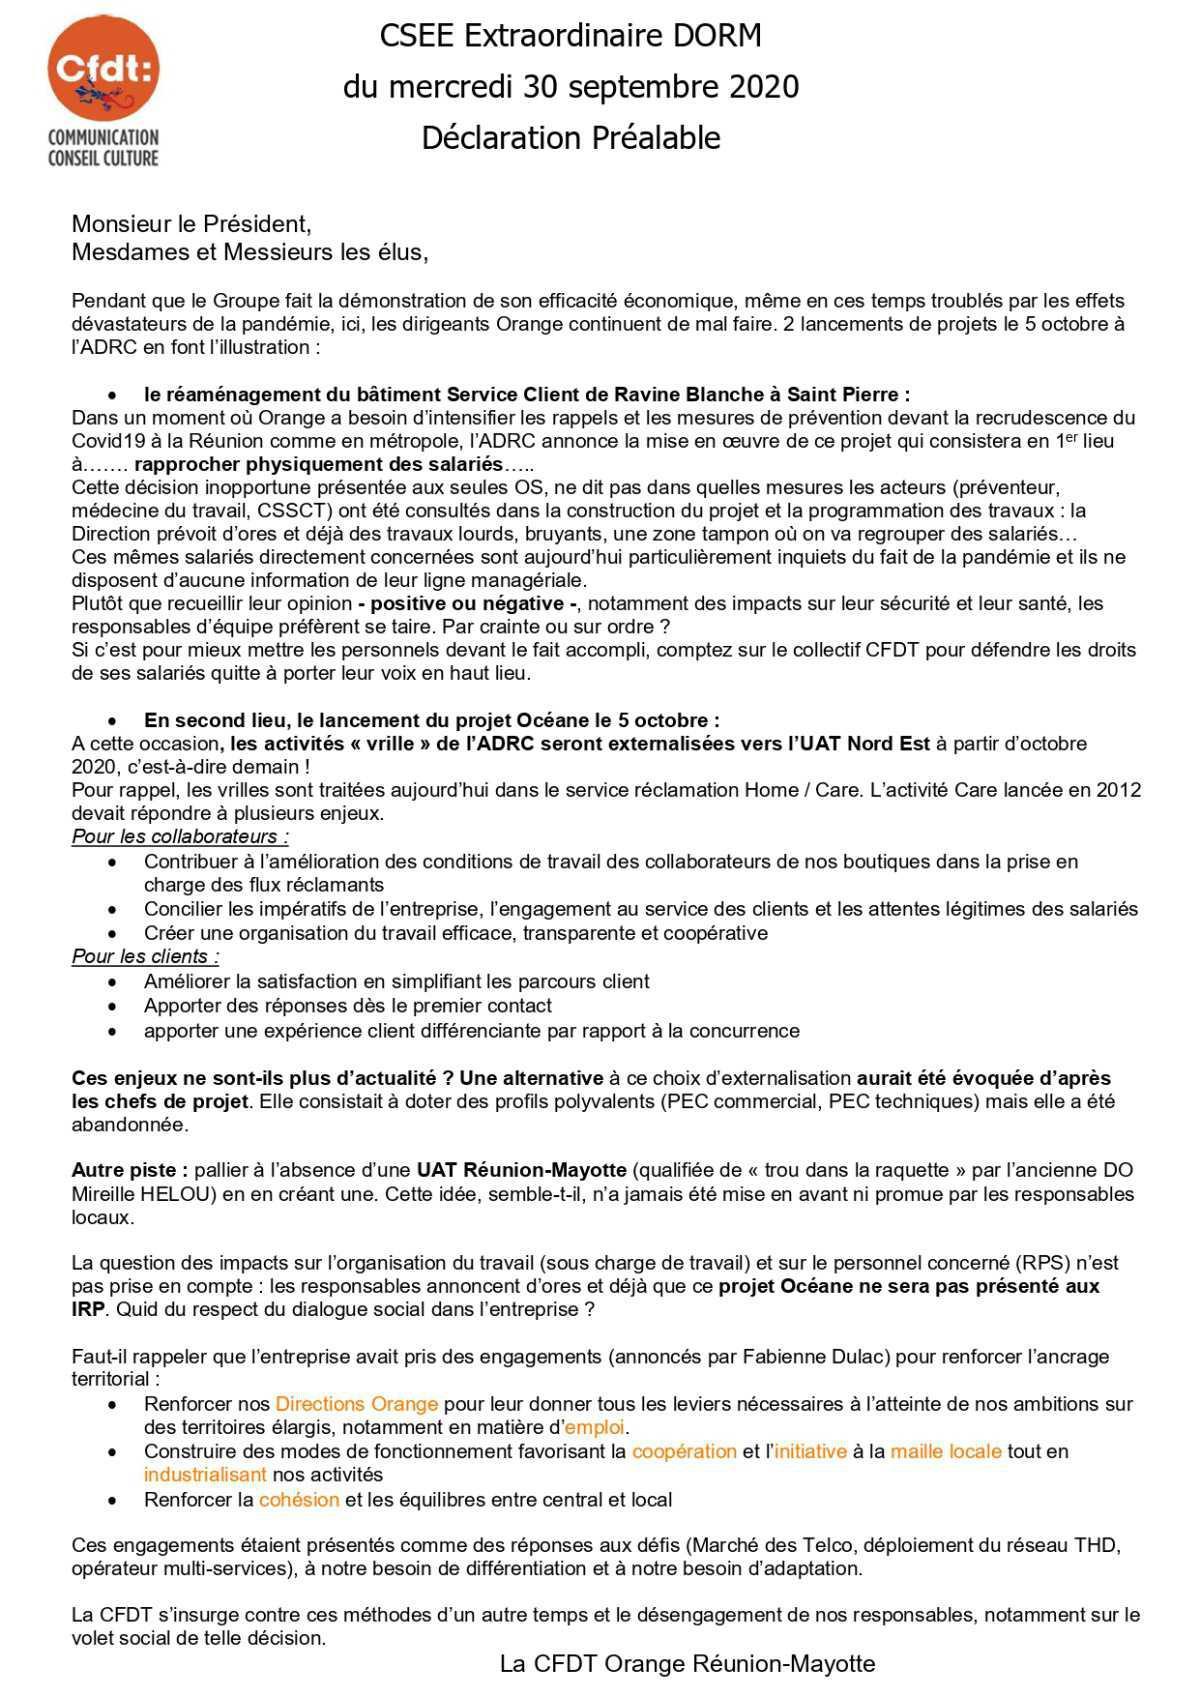 Déclaration de la CFDT lors du CSSE extraordinaire du 30 septembre